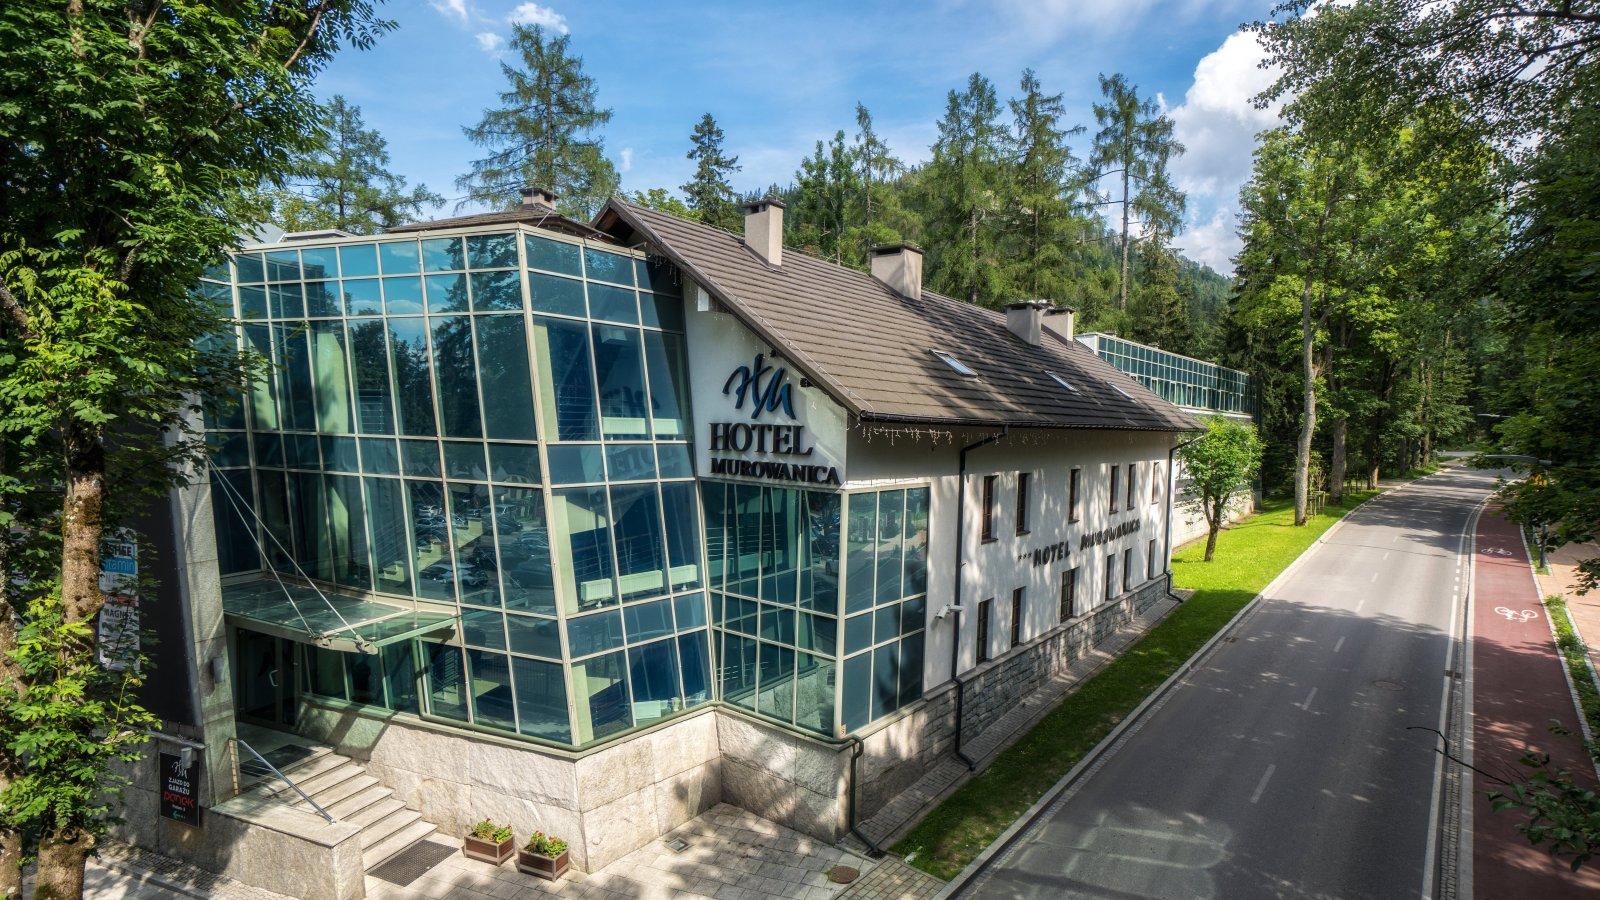 Hotel_Murowanica_062018_5copy.jpg